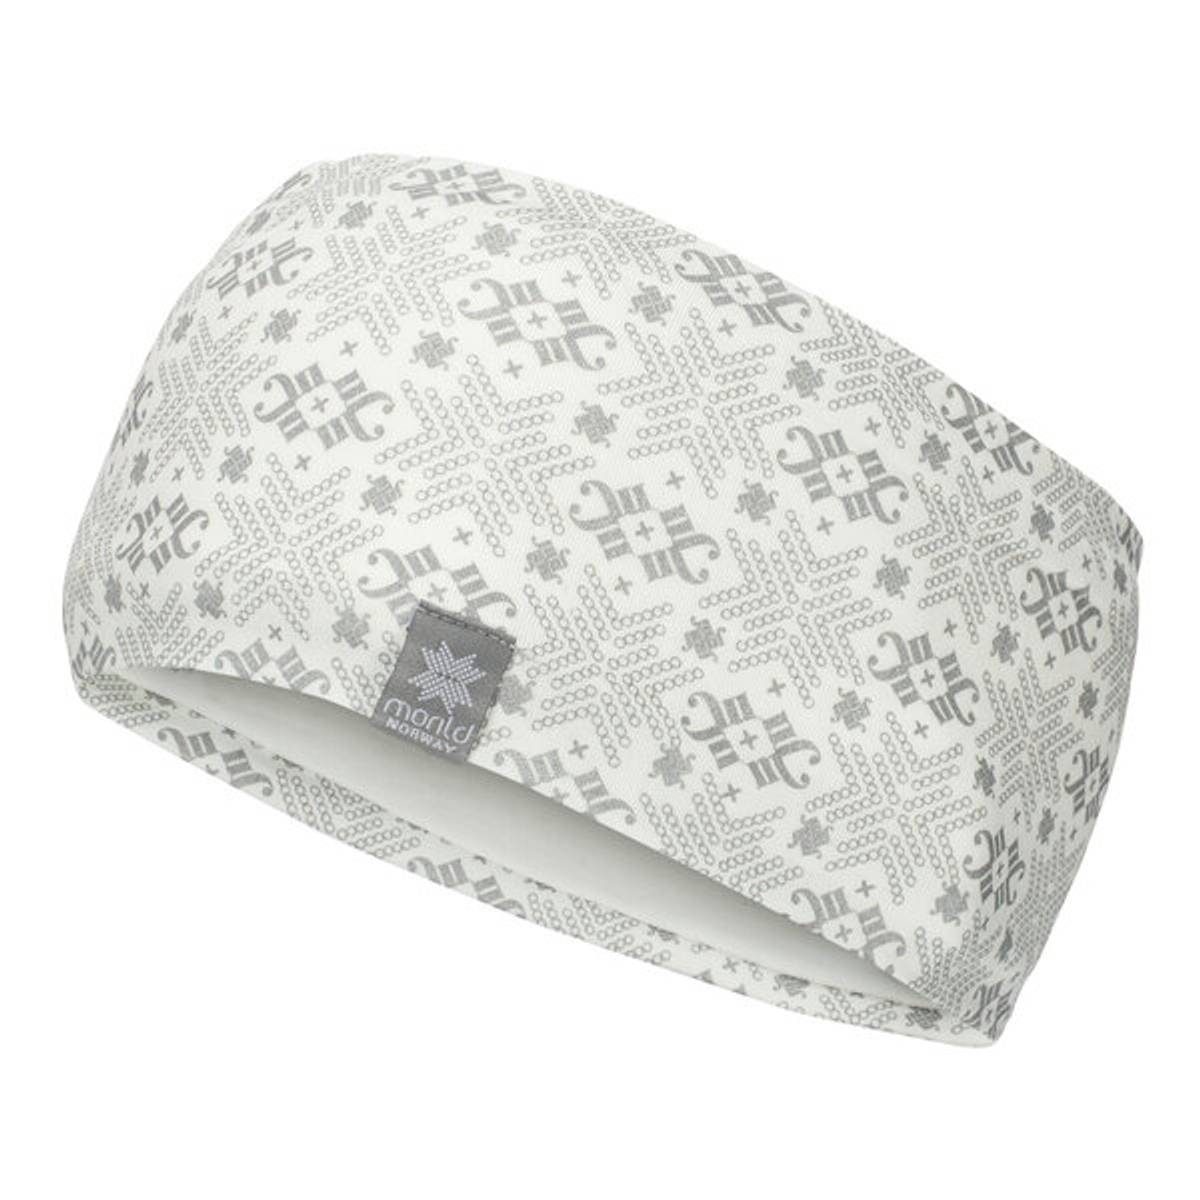 Morild Glitre Junior pannebånd med refleks, hvit